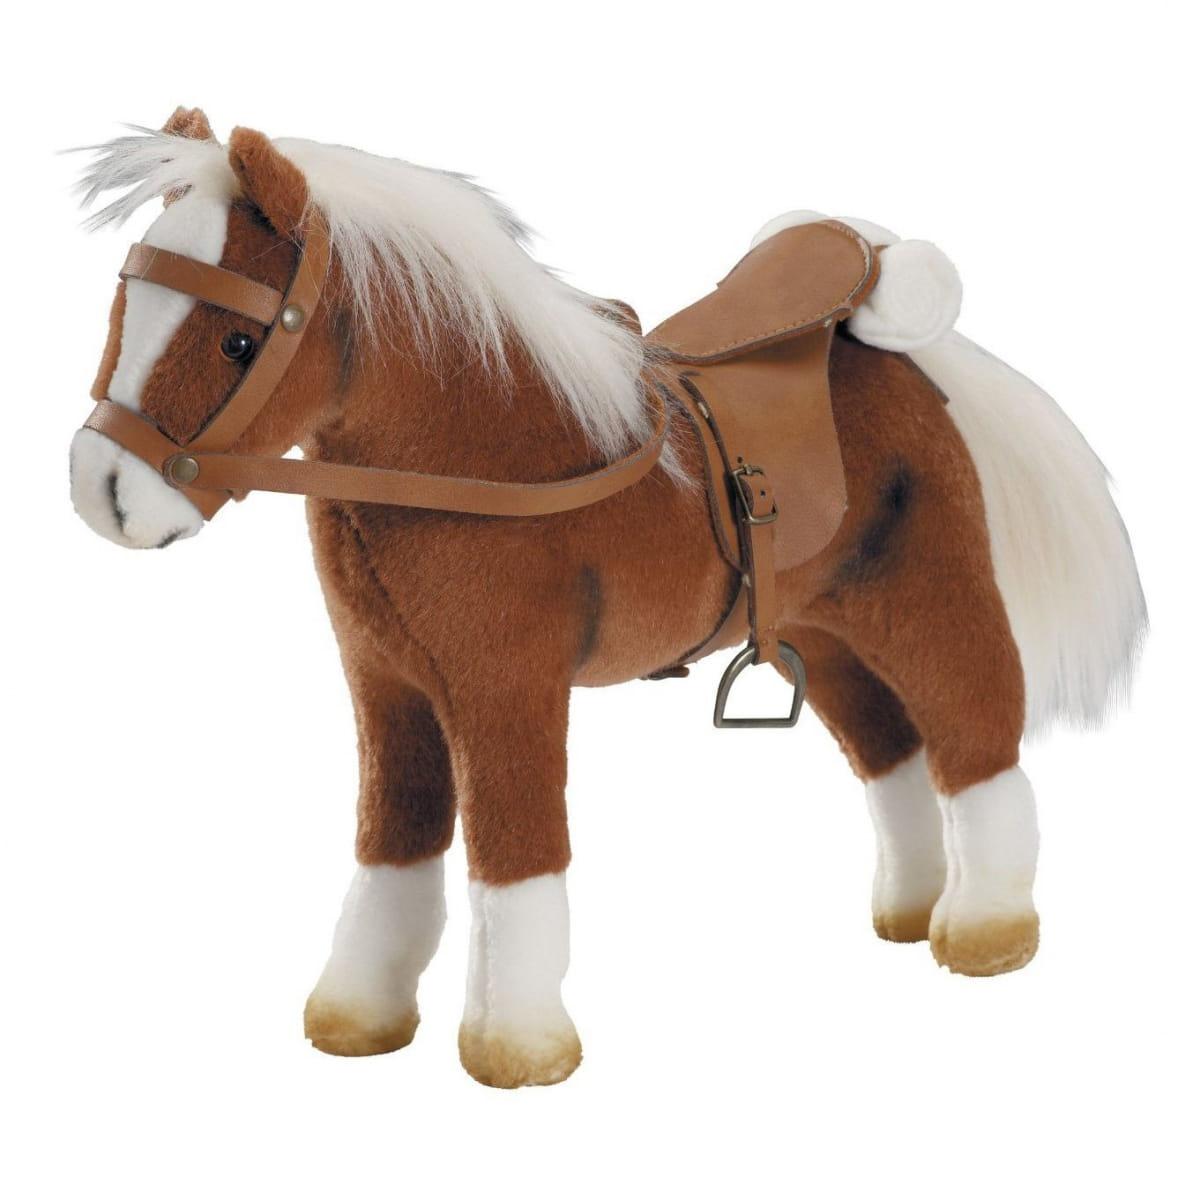 Лошадка для кукол Gotz 3401099 - коричневая (с седлом и уздечкой)